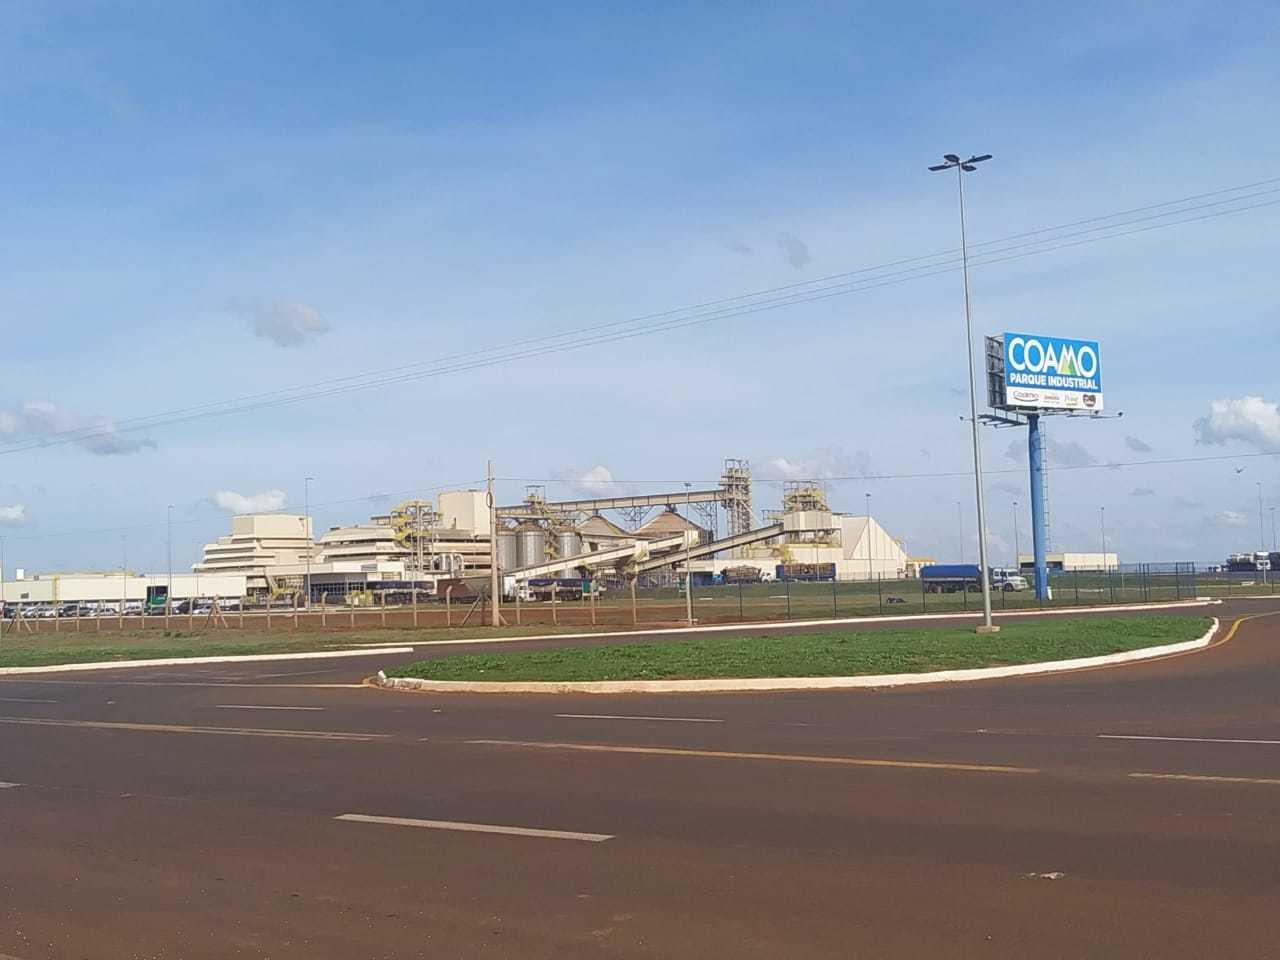 Avião caiu perto de indústrias da Coamo, em Dourados (Foto: Adilson Domingos)